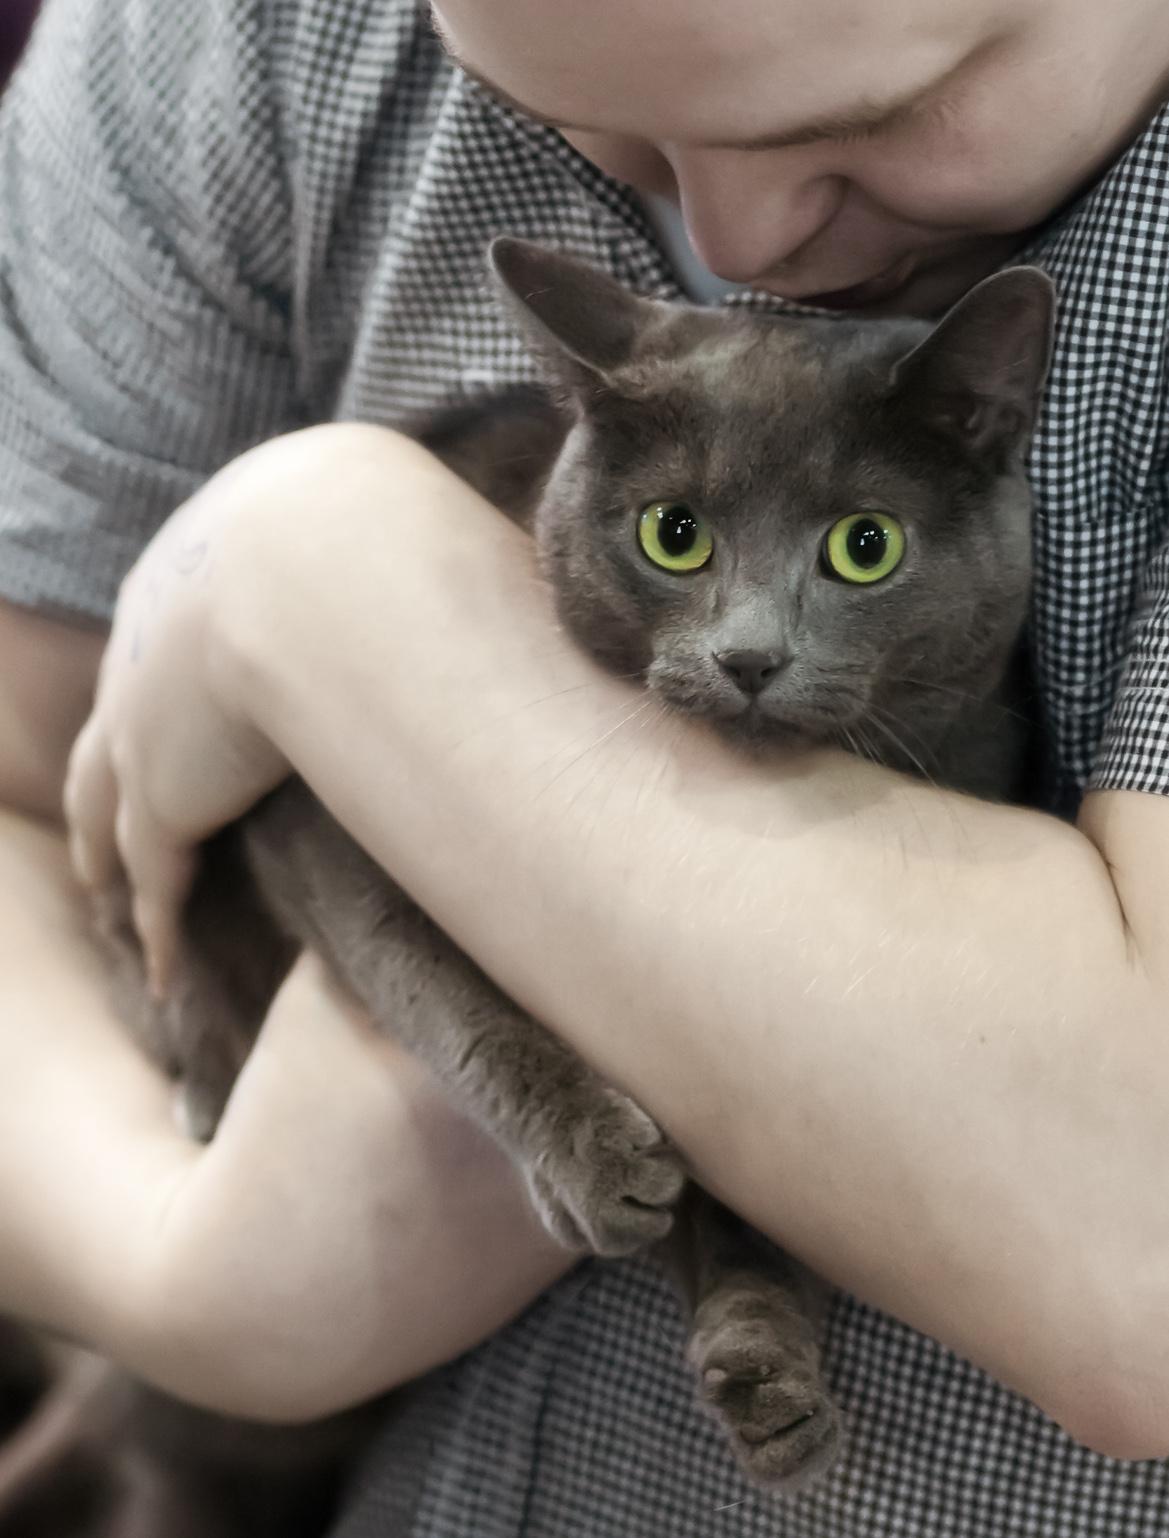 Pikku-Kissa [HCS], kuva 208130, 25.5.2013